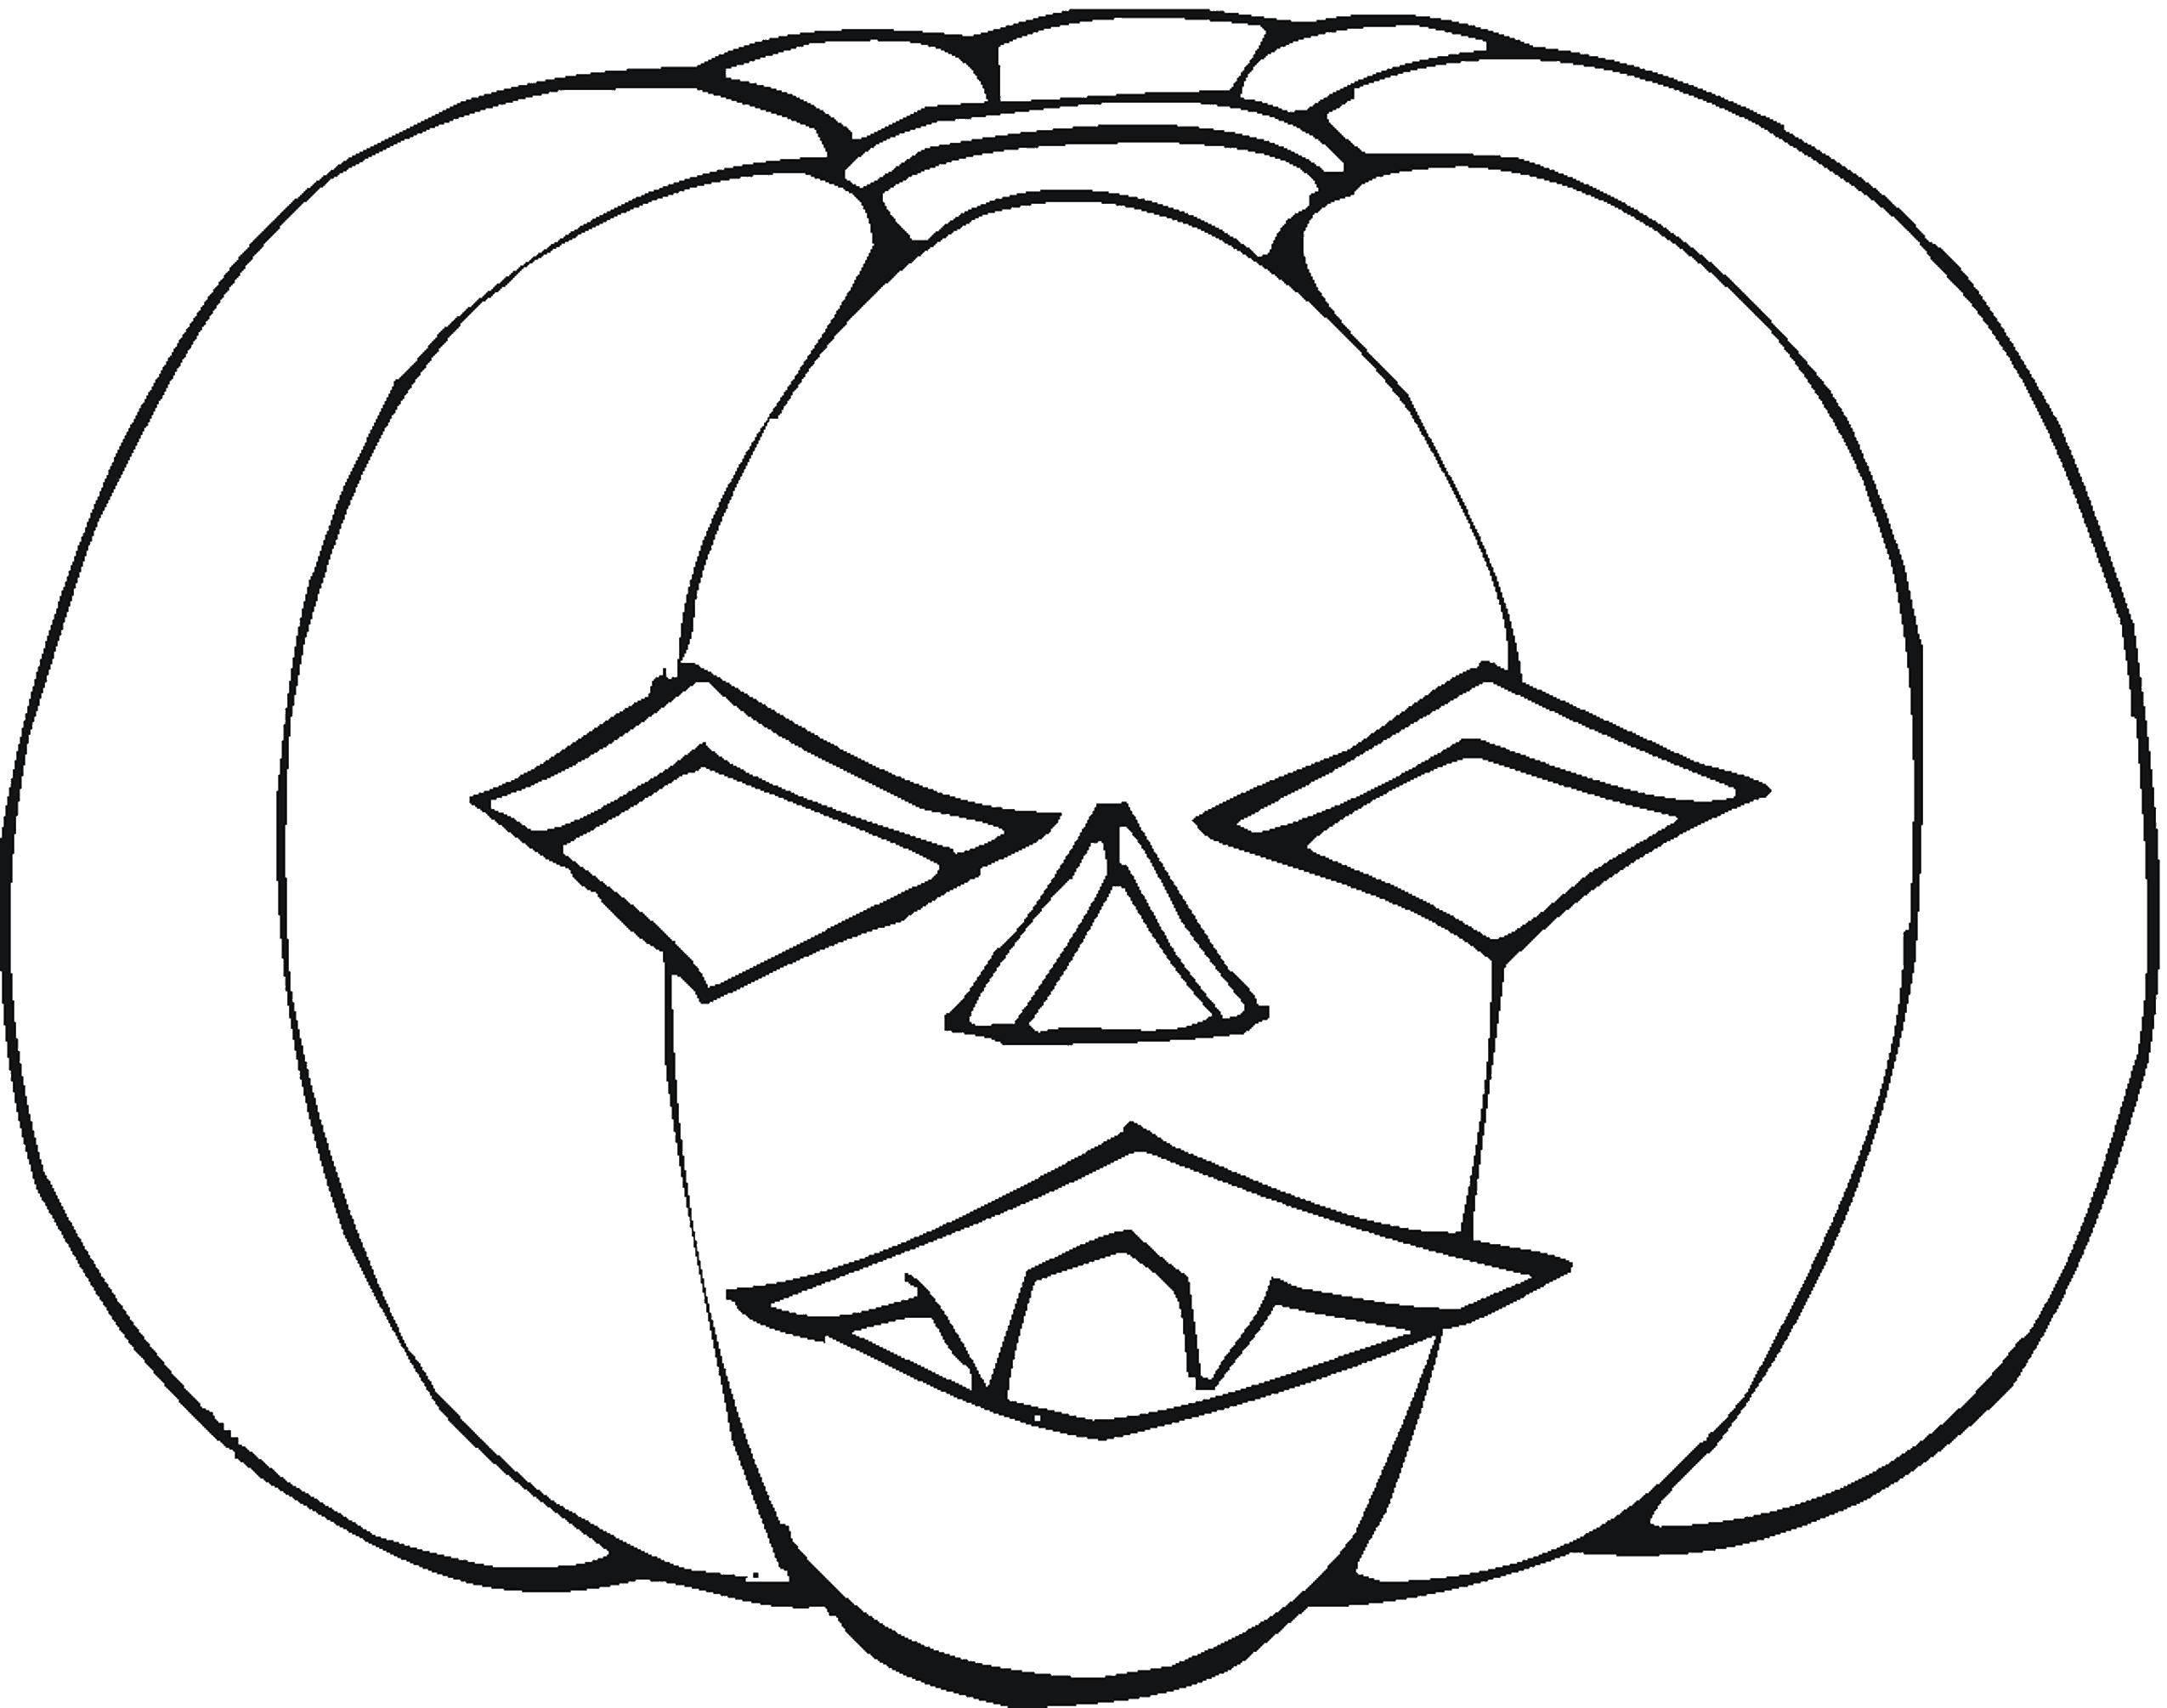 какие маски можно нарисовать на хэллоуин картинки какой